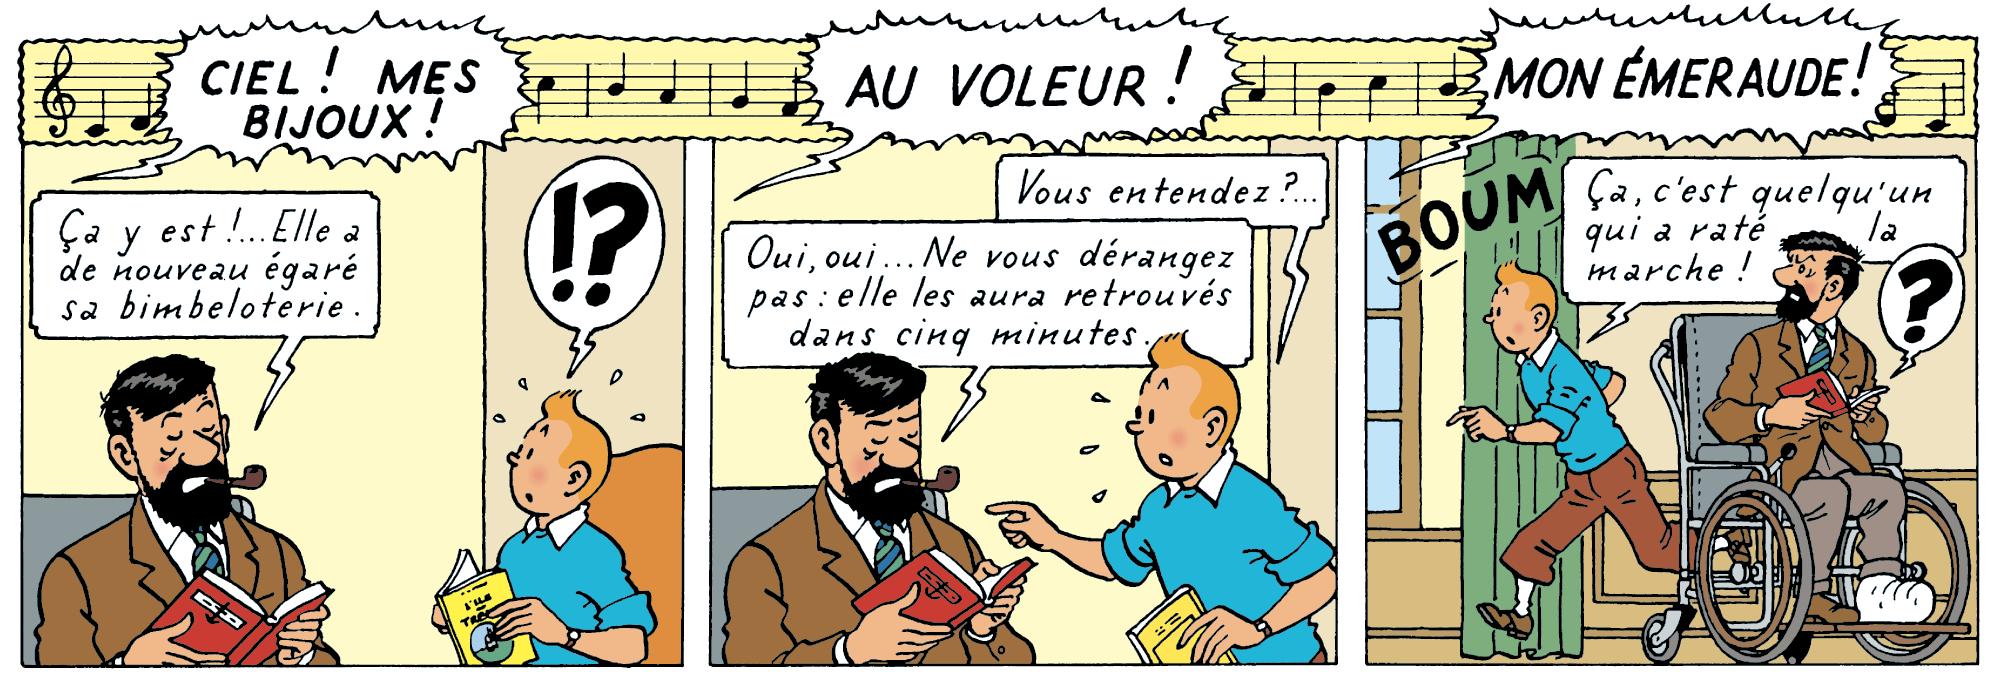 Tintin - Les Aventures de Tintin - Les Bijoux de la Castafiore